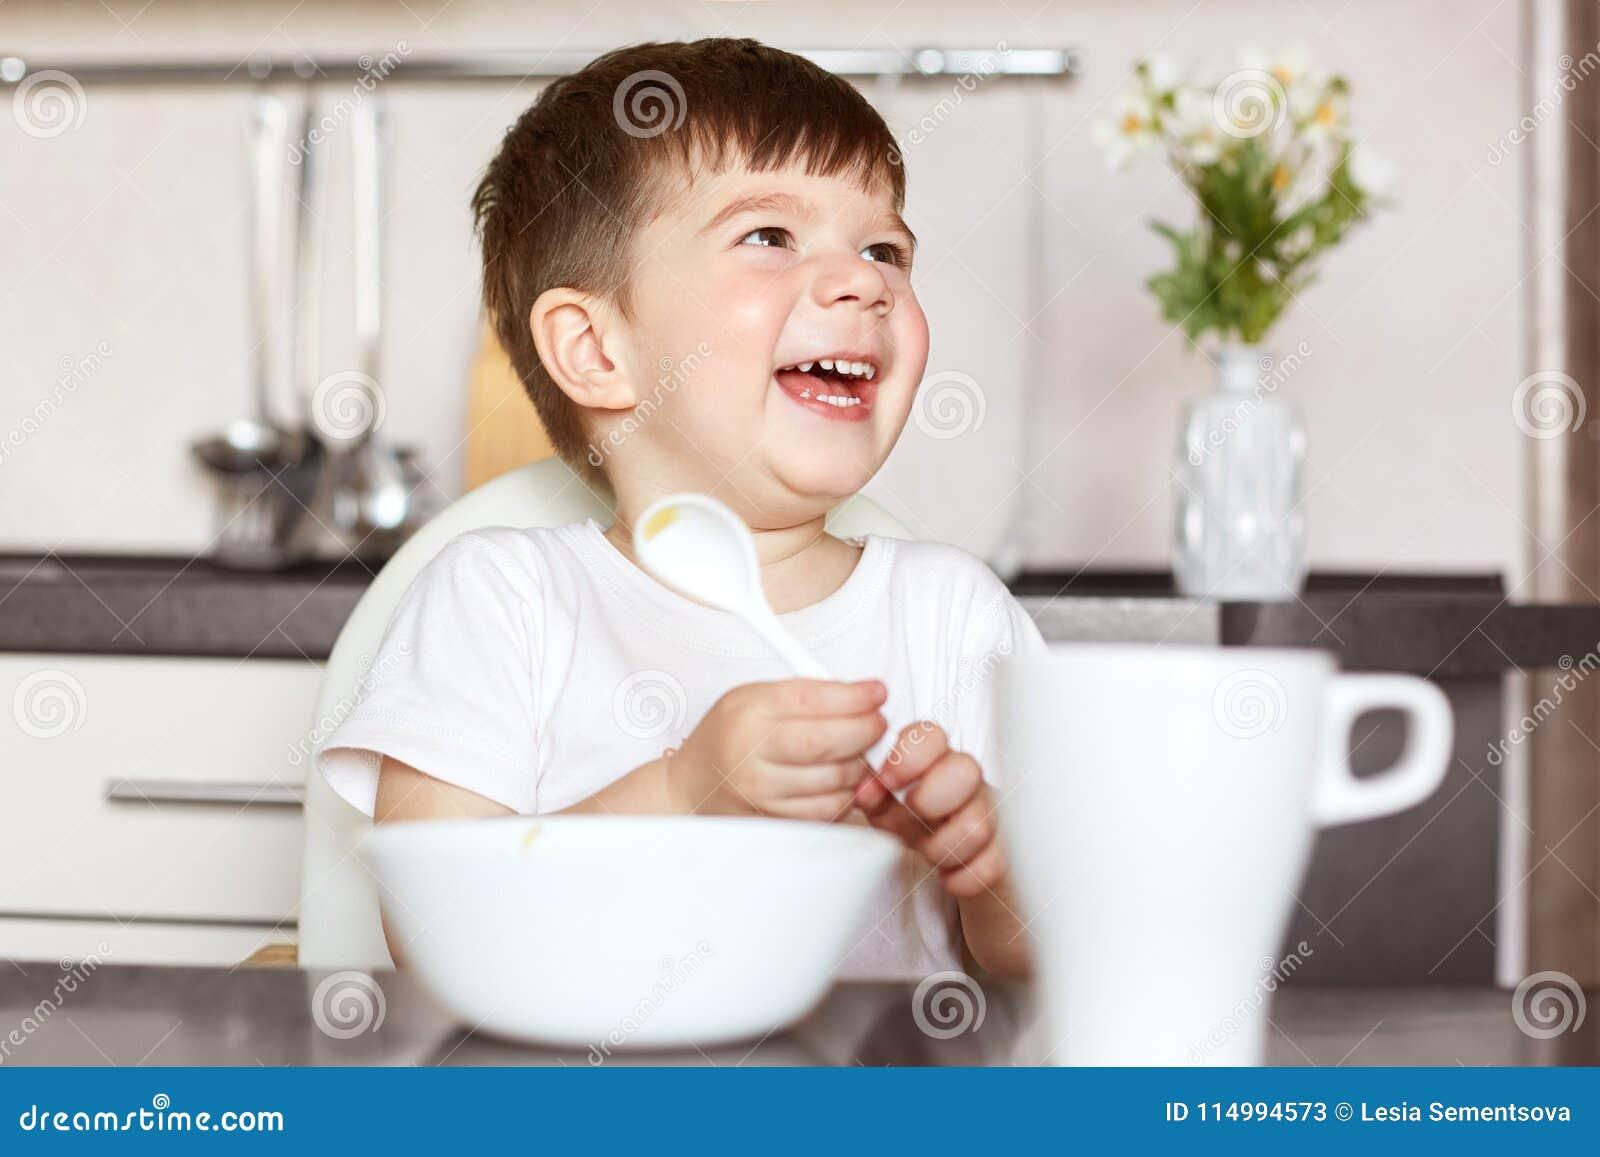 Enfants et concept de nutrition Le petit enfant mignon avec plaisir de sourire mange des céréales savoureuses et boit du thé, éta